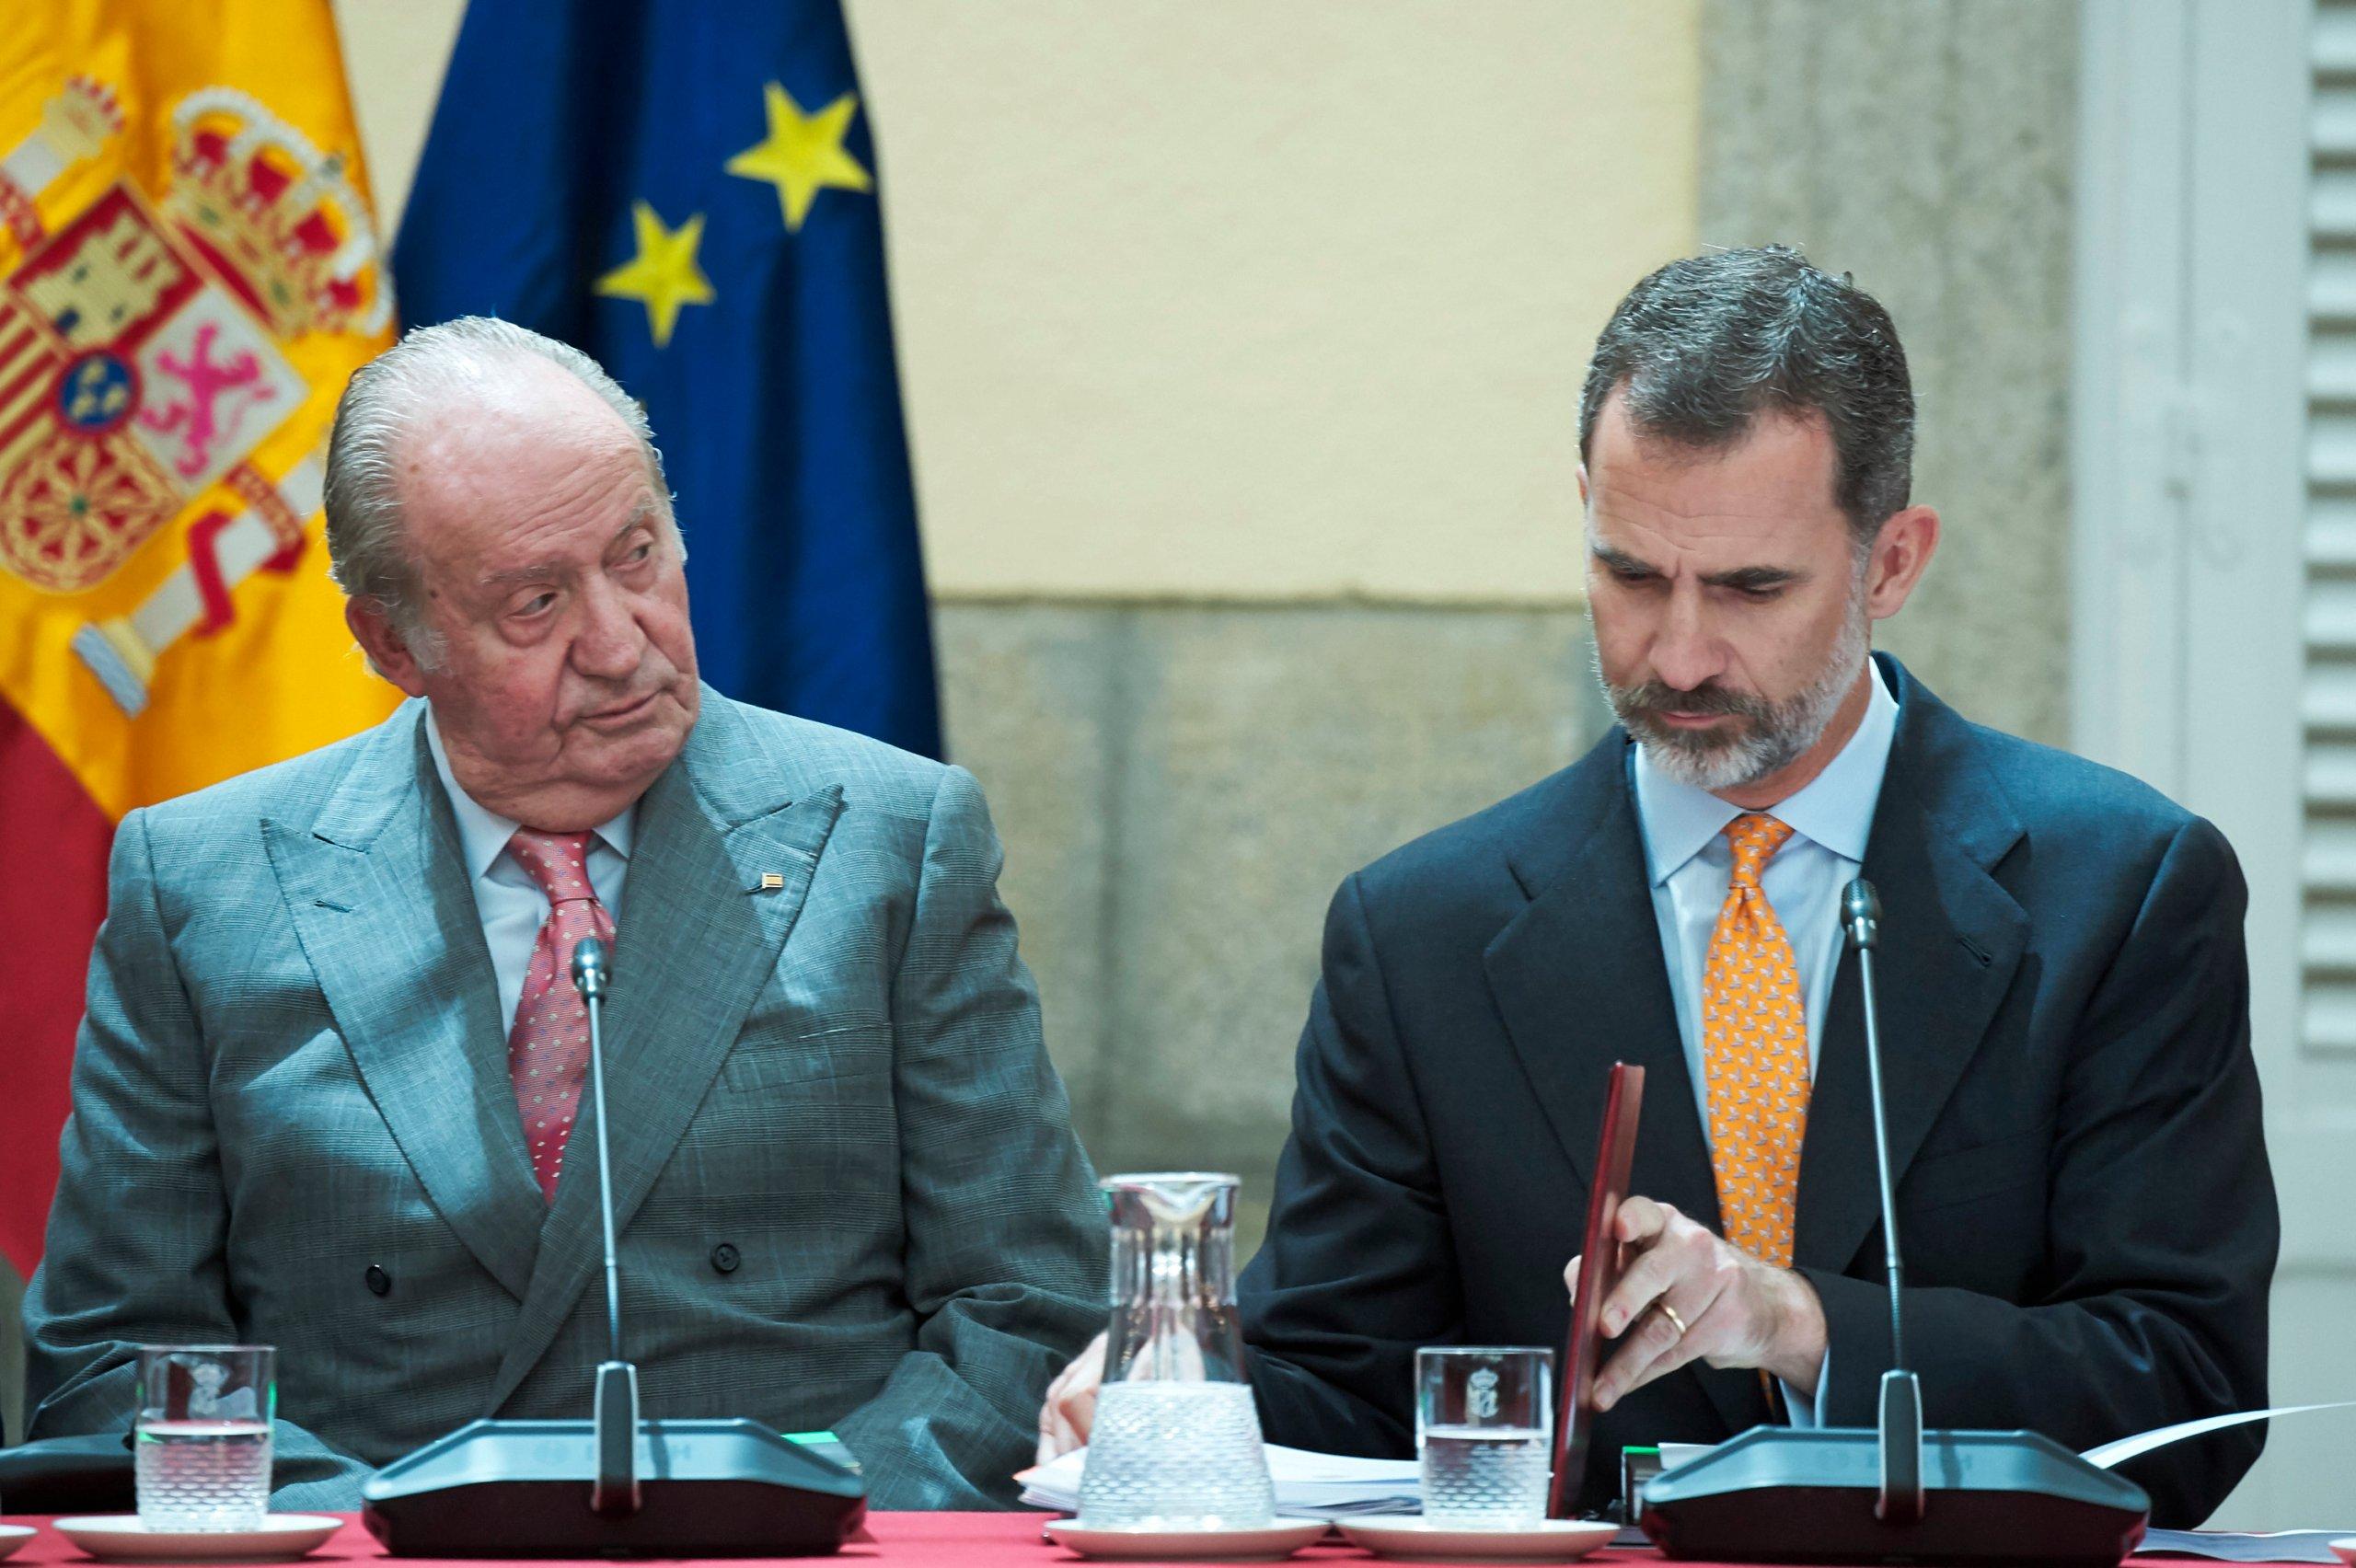 King Felipe Of Spain And King Juan Carlos Attend COTEC Meeting